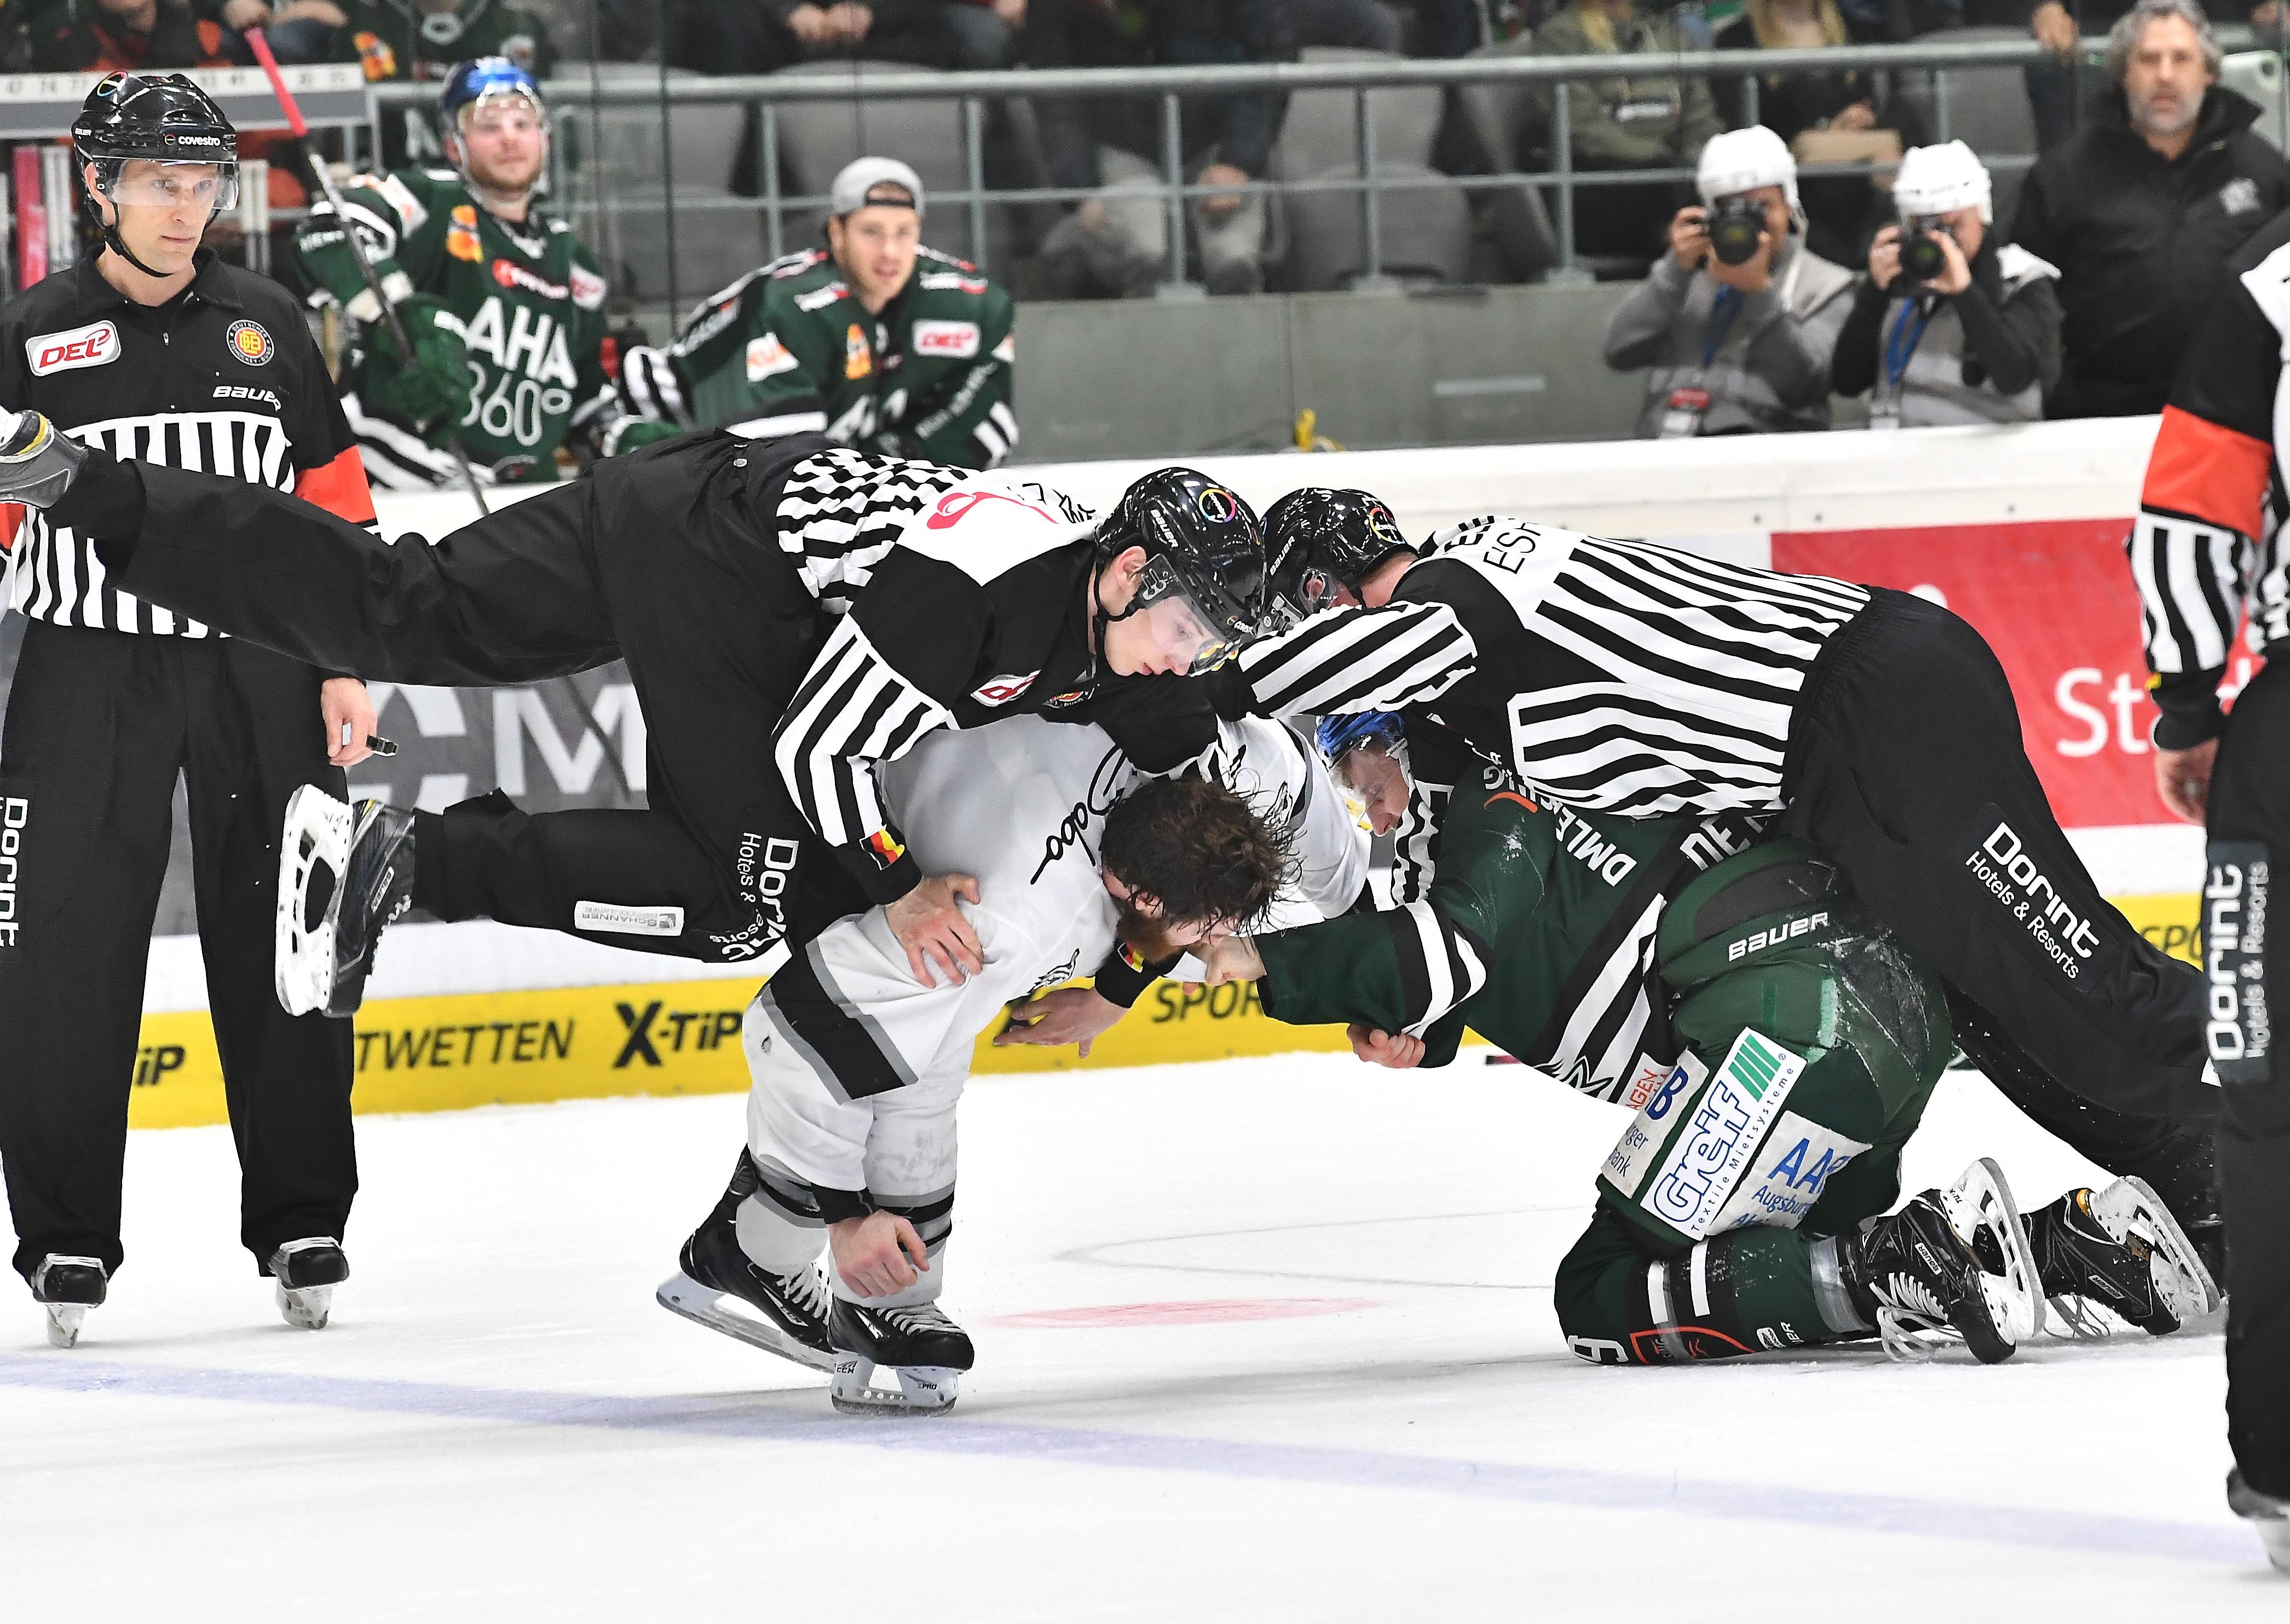 Ein Kampf auf Augenhöhe: Augsburger Panther - Nürnberg Ice Tigers (c) Siegfried Kerpf